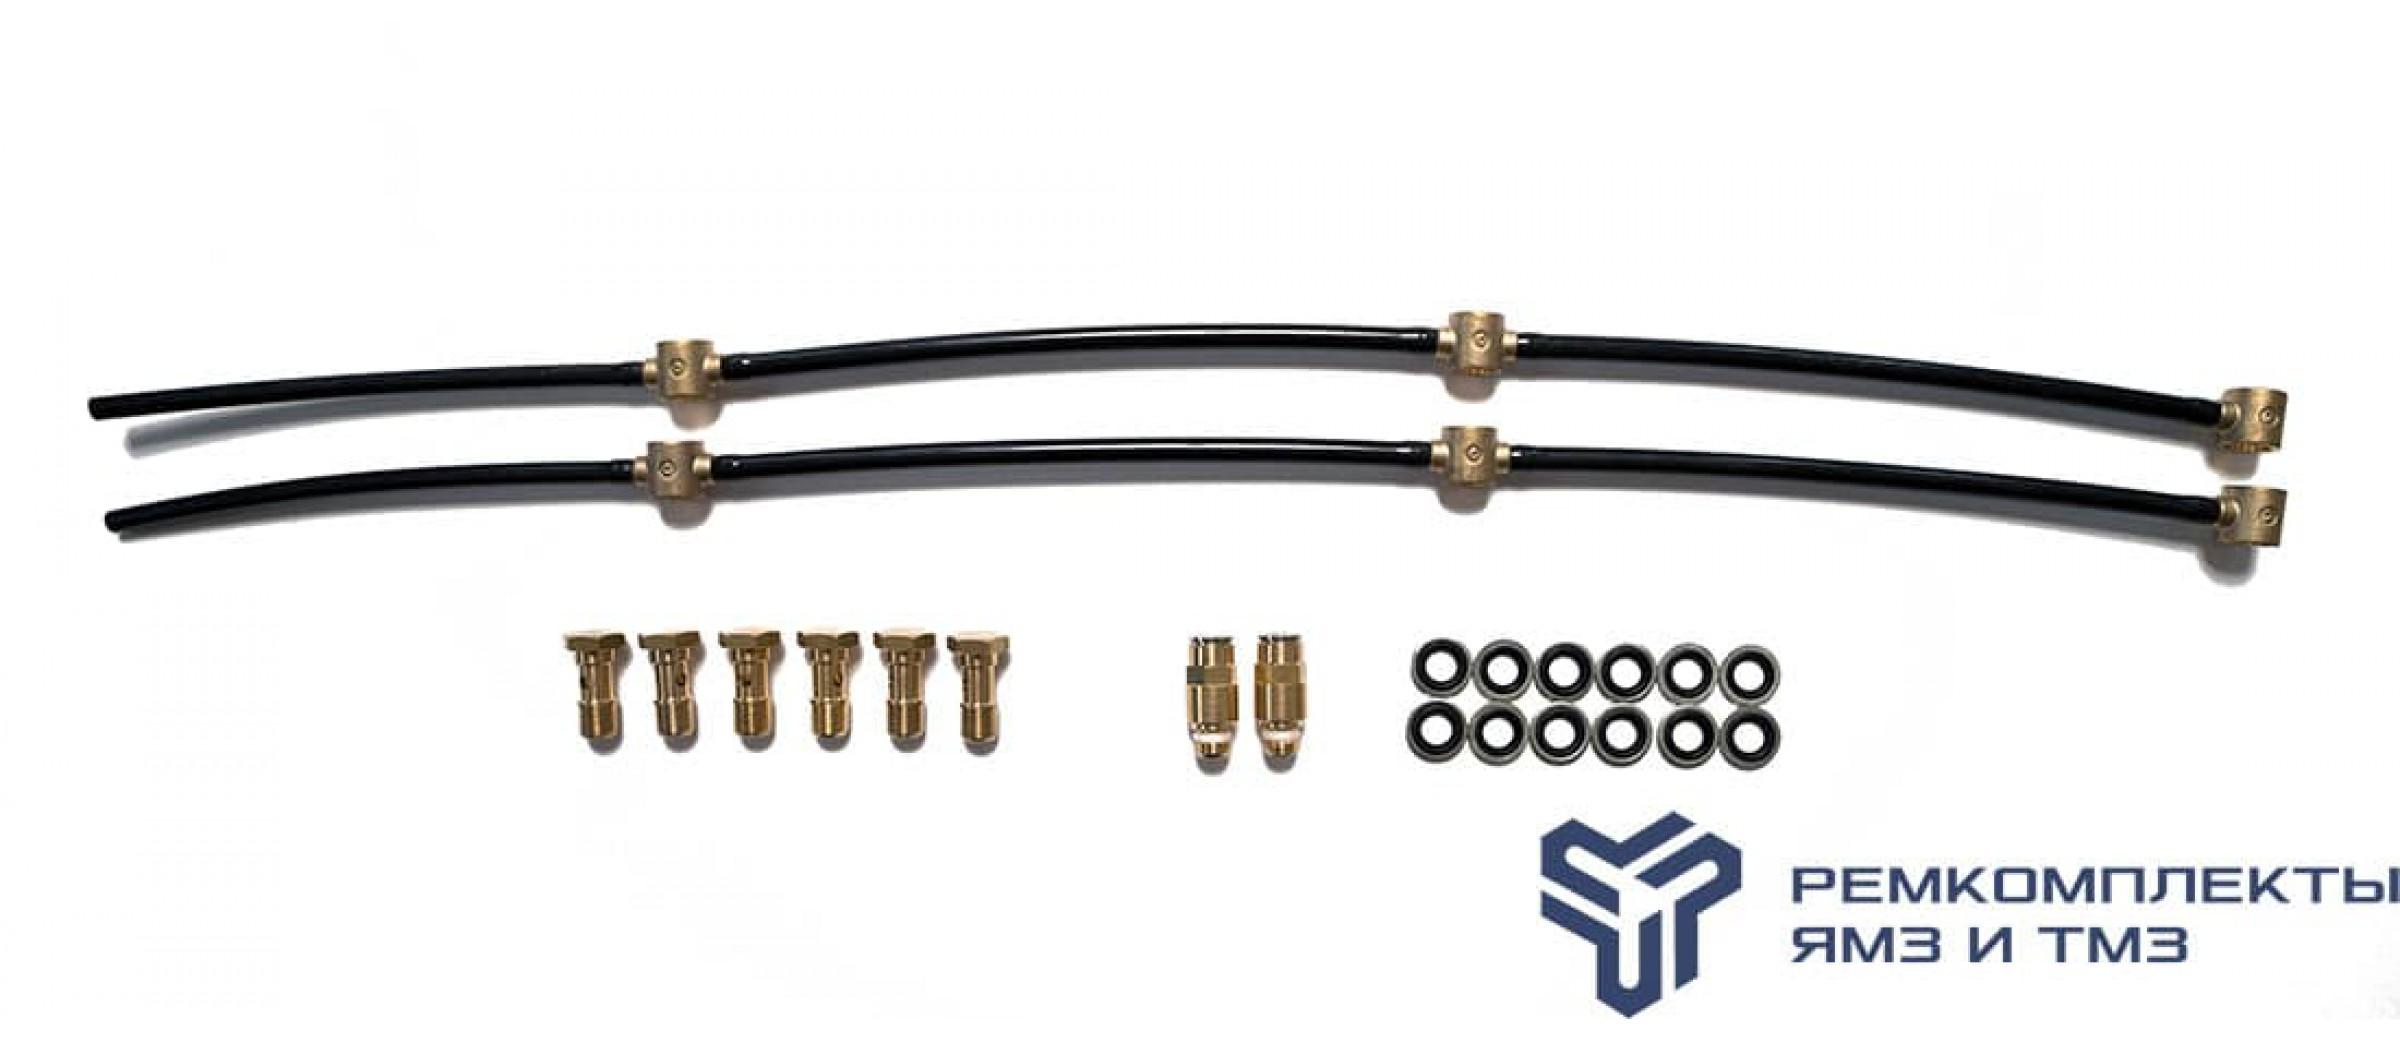 Ремкомплект дренажных трубок на двигатель ЯМЗ-6562 (Италия)